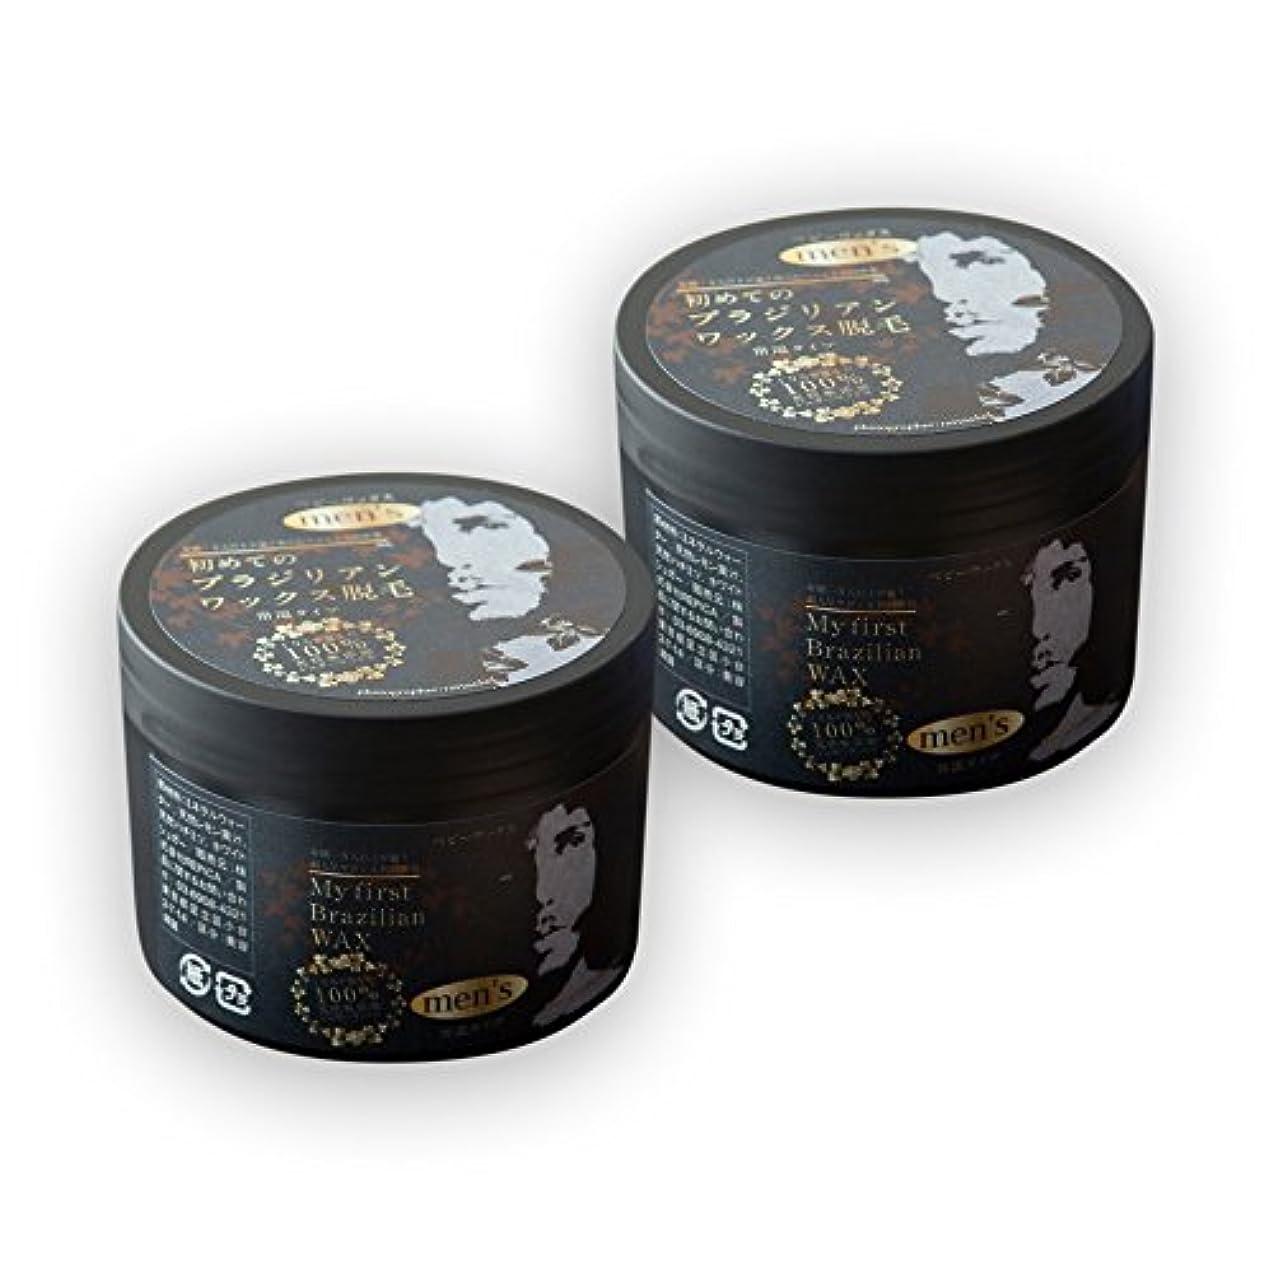 パイ絶妙付添人【単品】メンズ専用単品ワックス BABY WAX 専門サロンの初めてのブラジリアンワックス脱毛【100%国産無添加】 (2個セット)